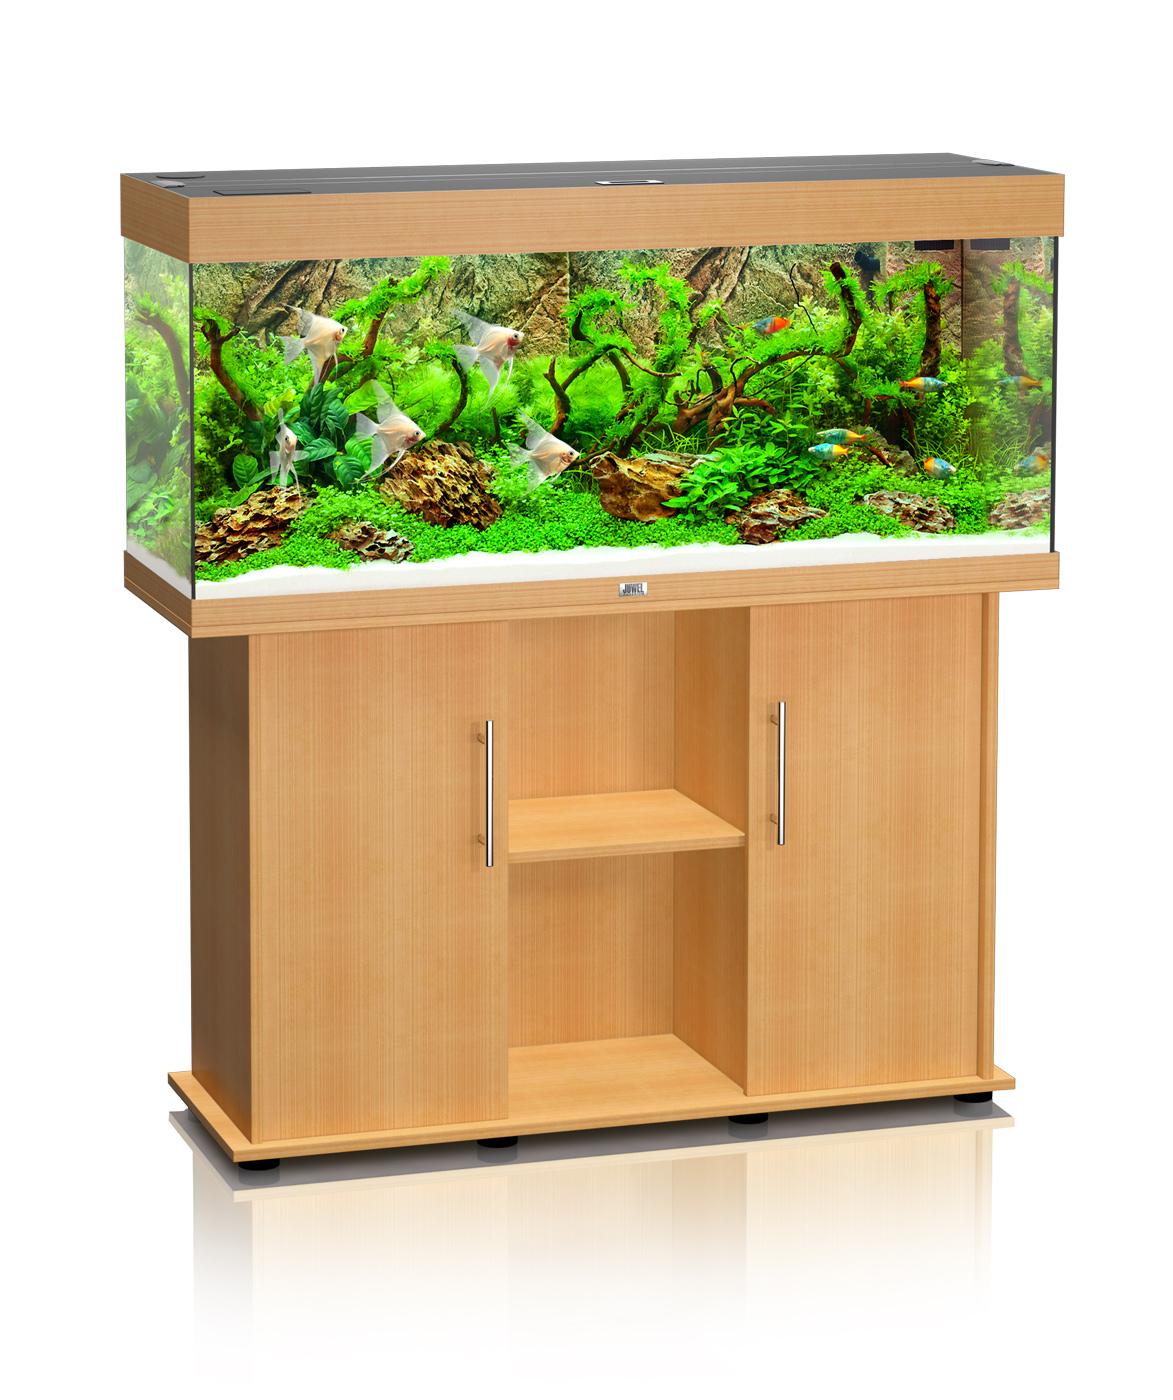 Juwel rio 240 aquarium fish tank -  Juwel Rio 240 Aquarium And Cabinet